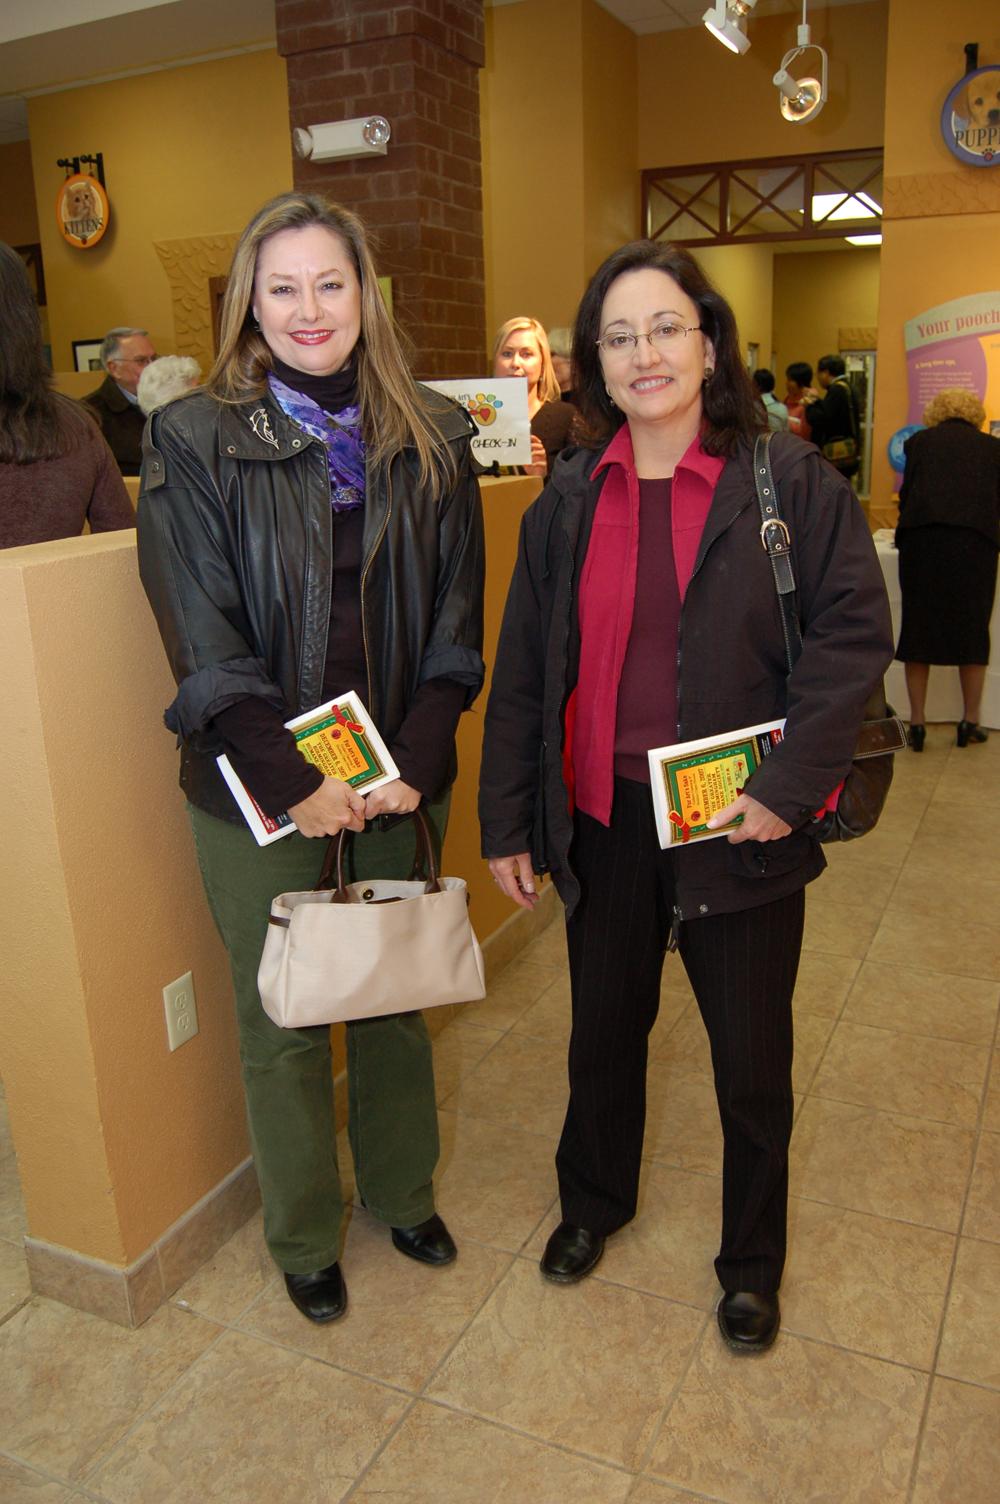 Lynn Graves and Allison Wharton